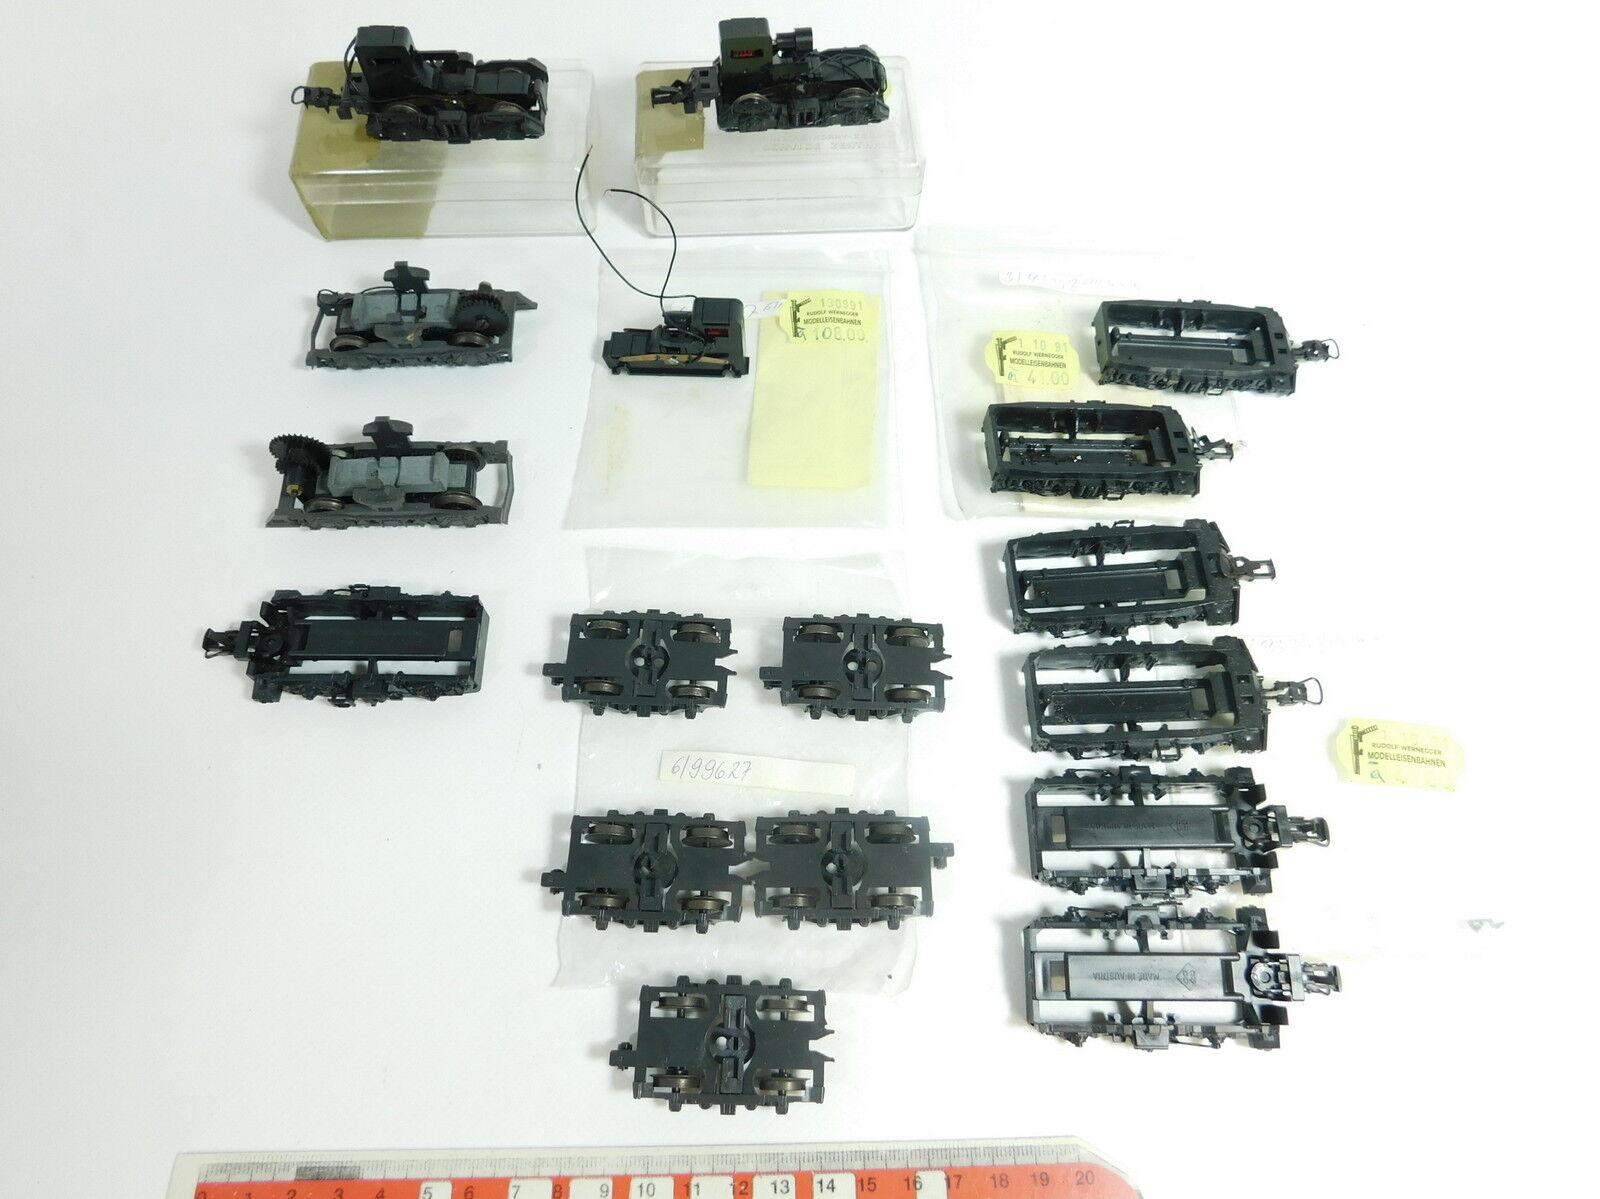 AN334-0,5  Roco H0 Drehgestelle Drehgestelle Drehgestelle Getriebe teilweise mit Achsen; 17 Teile  | Auktion  822556